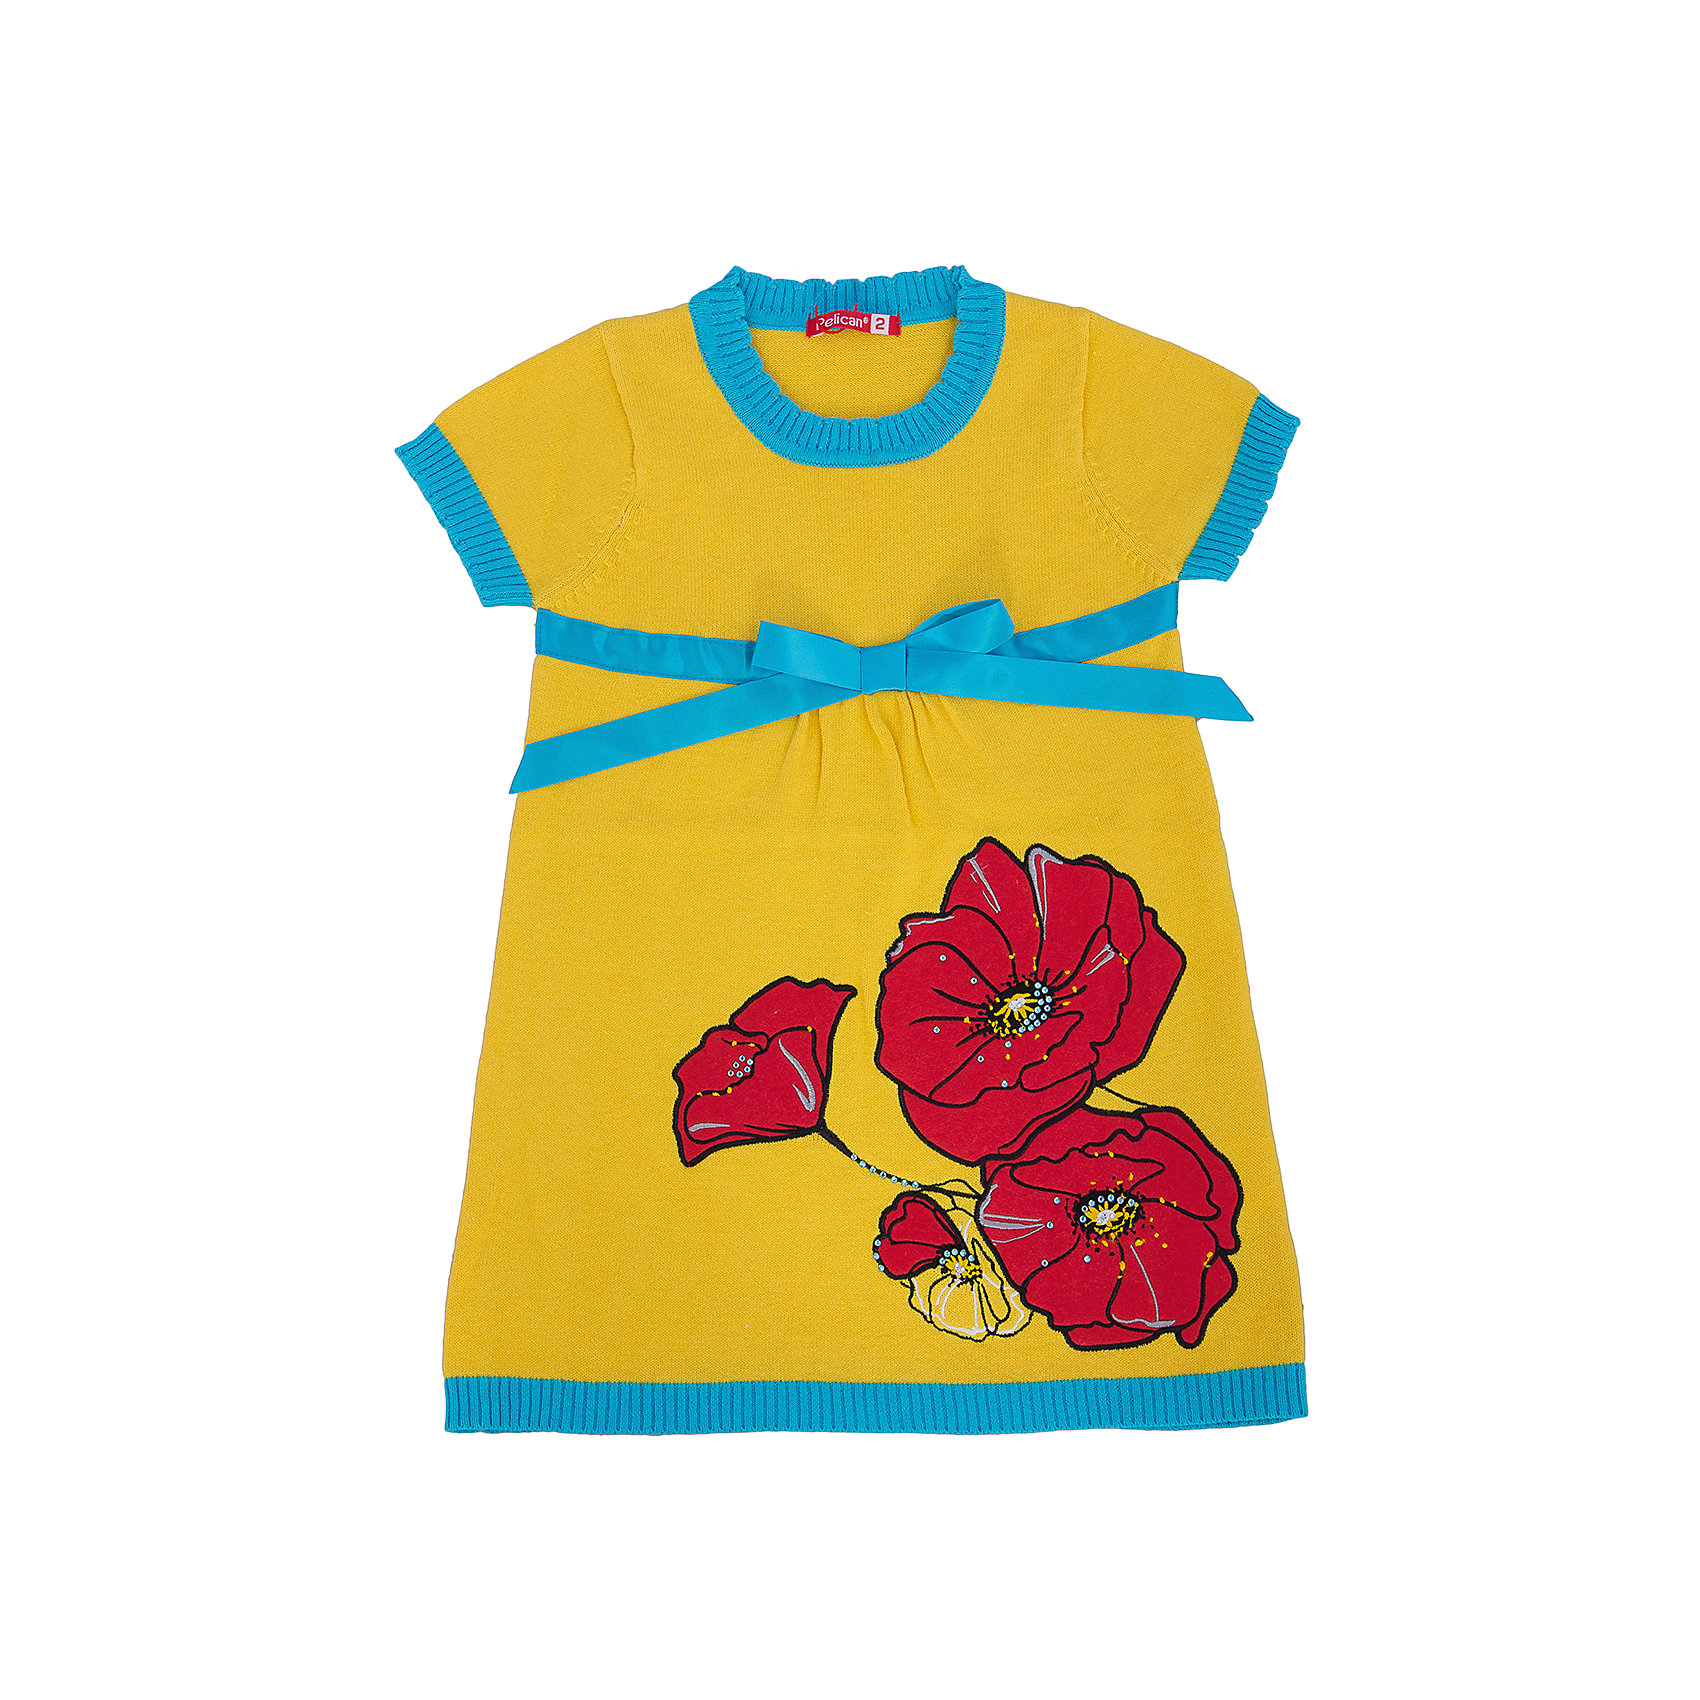 Платье для девочки PELICANПлатья и сарафаны<br>Удобное и модное платье для девочки смотрится очень нарядно. Оно поможет разнообразить гардероб ребенка, создать подходящий погоде ансамбль. Удобный крой и качественный материал обеспечат ребенку комфорт при ношении этих вещей. <br>Платье декорировано ярким принтом и контрастным бантом. Рукава короткие. Они и горловина обработаны мягкой окантовкой. Материал платья состоит из дышащего натурального хлопка. <br><br>Дополнительная информация:<br><br>материал: 100% хлопок;<br>цвет: разноцветный;<br>декорировано бантом и принтом.<br><br>Платье для девочки от бренда PELICAN (Пеликан) можно купить в нашем магазине.<br><br>Ширина мм: 236<br>Глубина мм: 16<br>Высота мм: 184<br>Вес г: 177<br>Цвет: желтый<br>Возраст от месяцев: 36<br>Возраст до месяцев: 48<br>Пол: Женский<br>Возраст: Детский<br>Размер: 104,92,98,110<br>SKU: 4804979